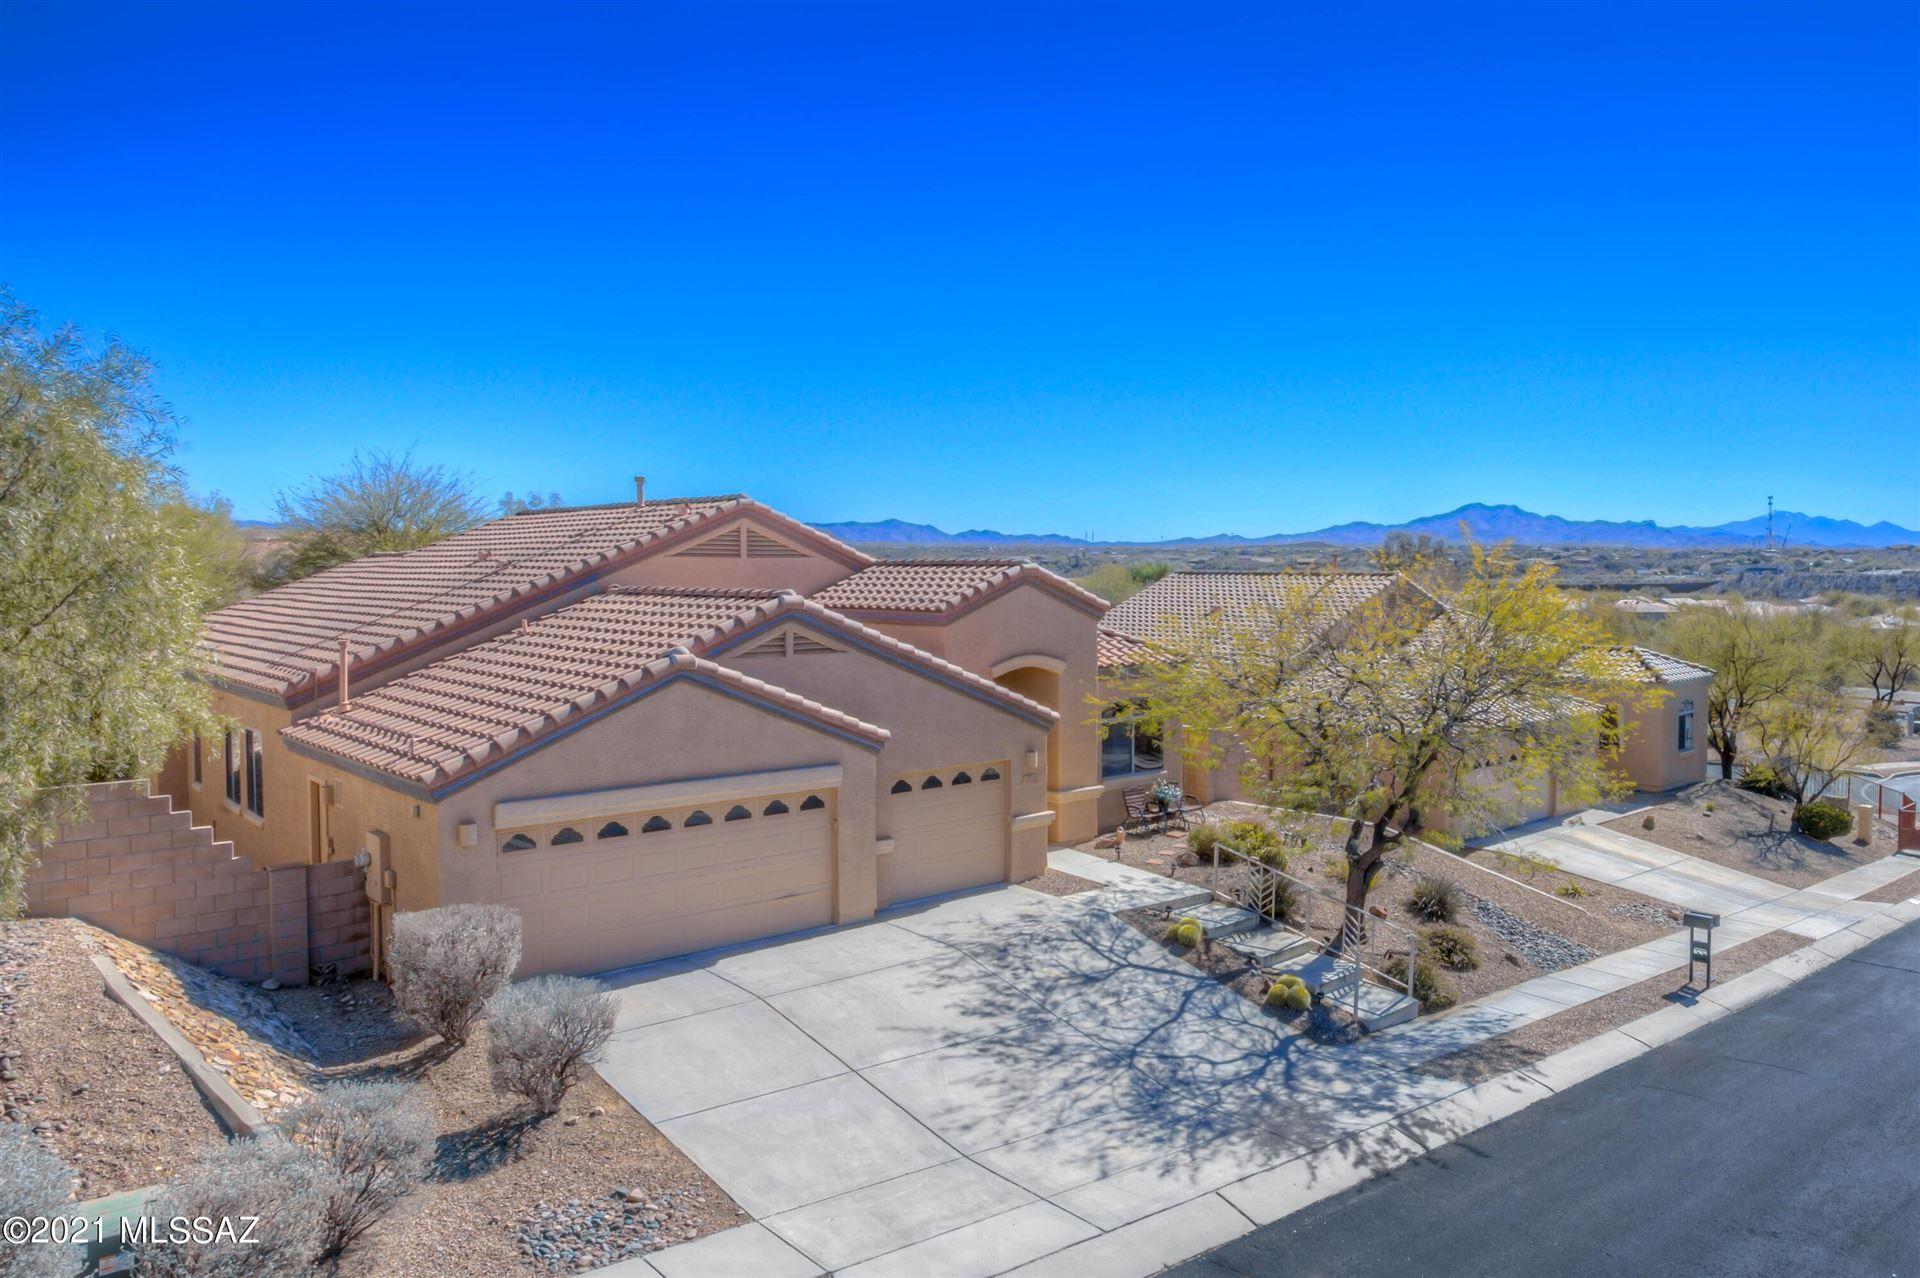 10745 S Miralago Drive, Vail, AZ 85641 - MLS#: 22104010